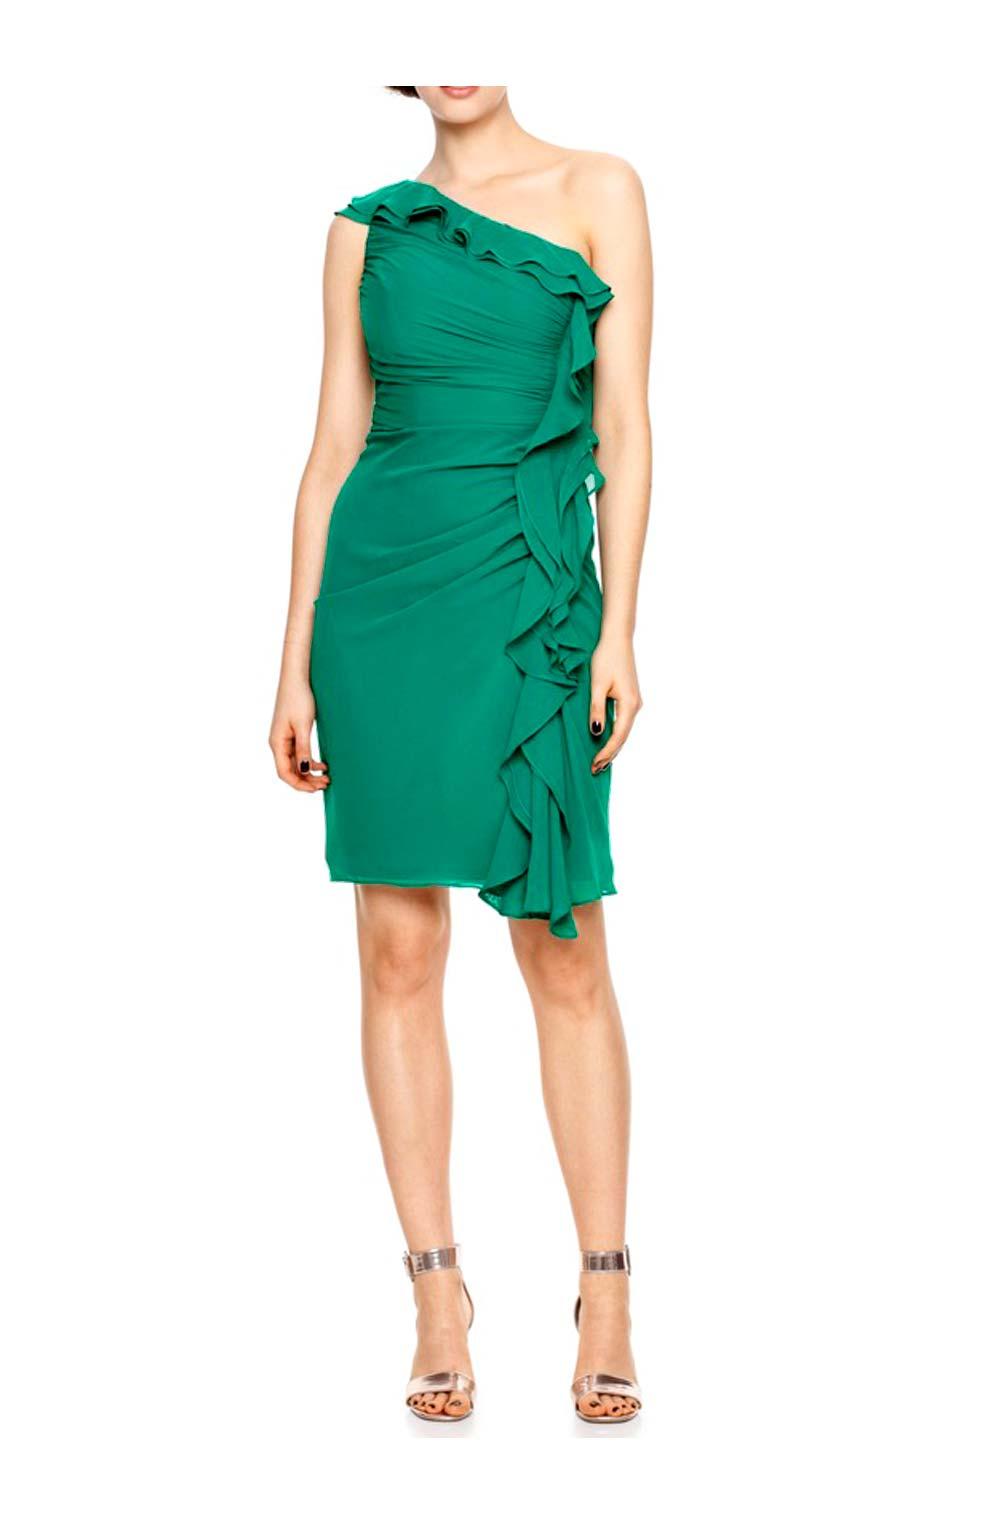 kurzes kleid für besondere anlässe ASHLEY BROOKE Damen Designer-Cocktailkleid Grün 056.264 Missforty